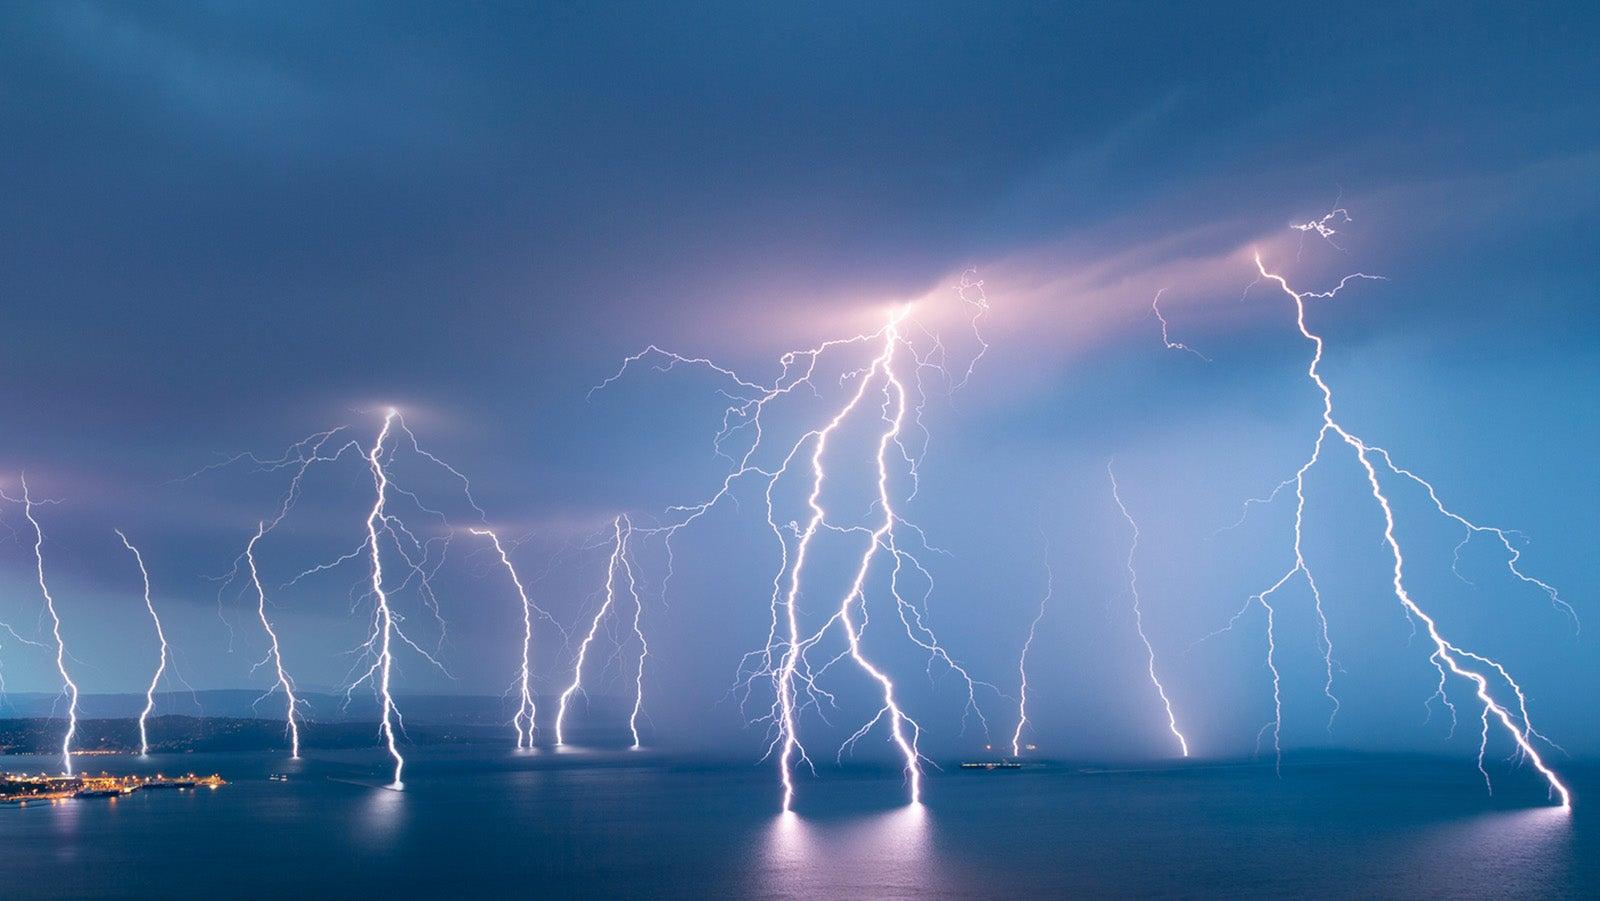 Bis zu 200 Blitze pro Stunde: Am gewitterreichsten Ort der Welt blitzt es fast täglich